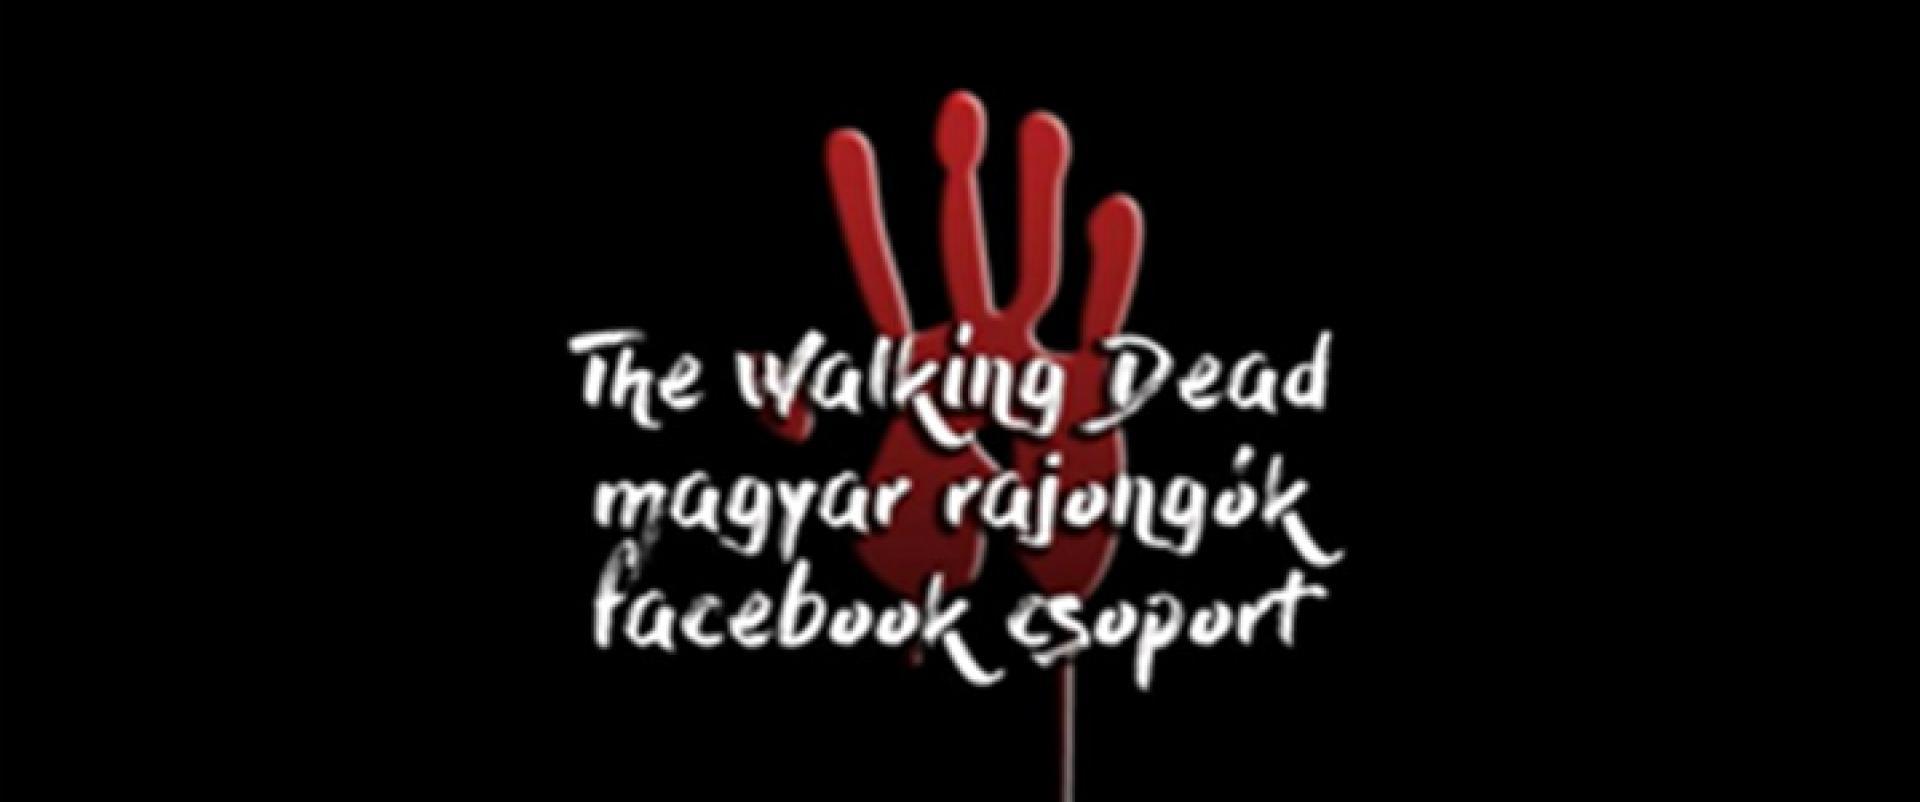 Interjú a The Walking Dead - magyar rajongók Facebook-csoport vezetőjével